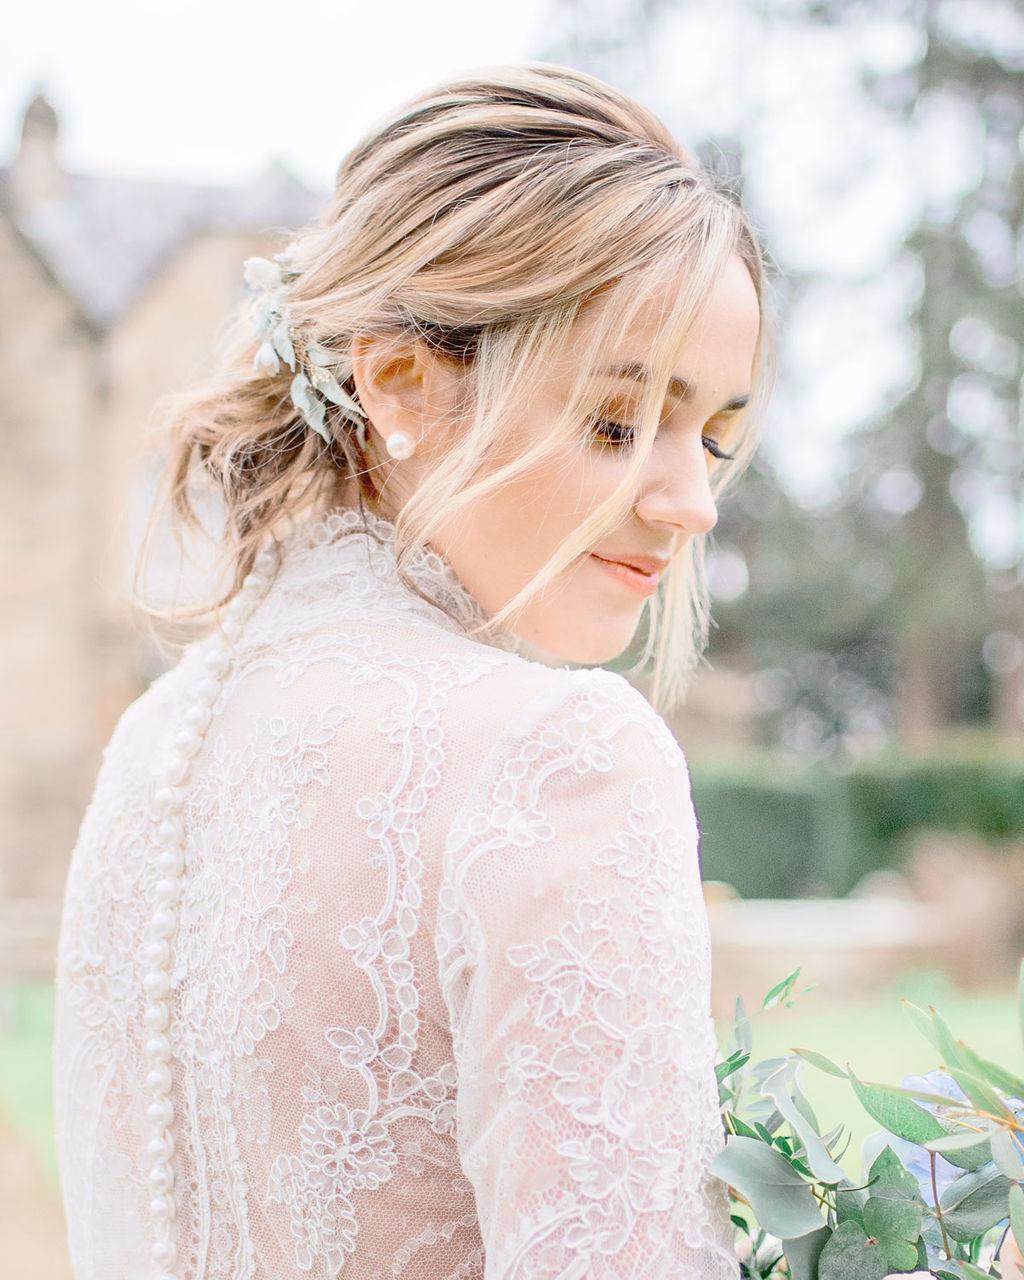 close-up-beautiful-bridal-hair-styles-London